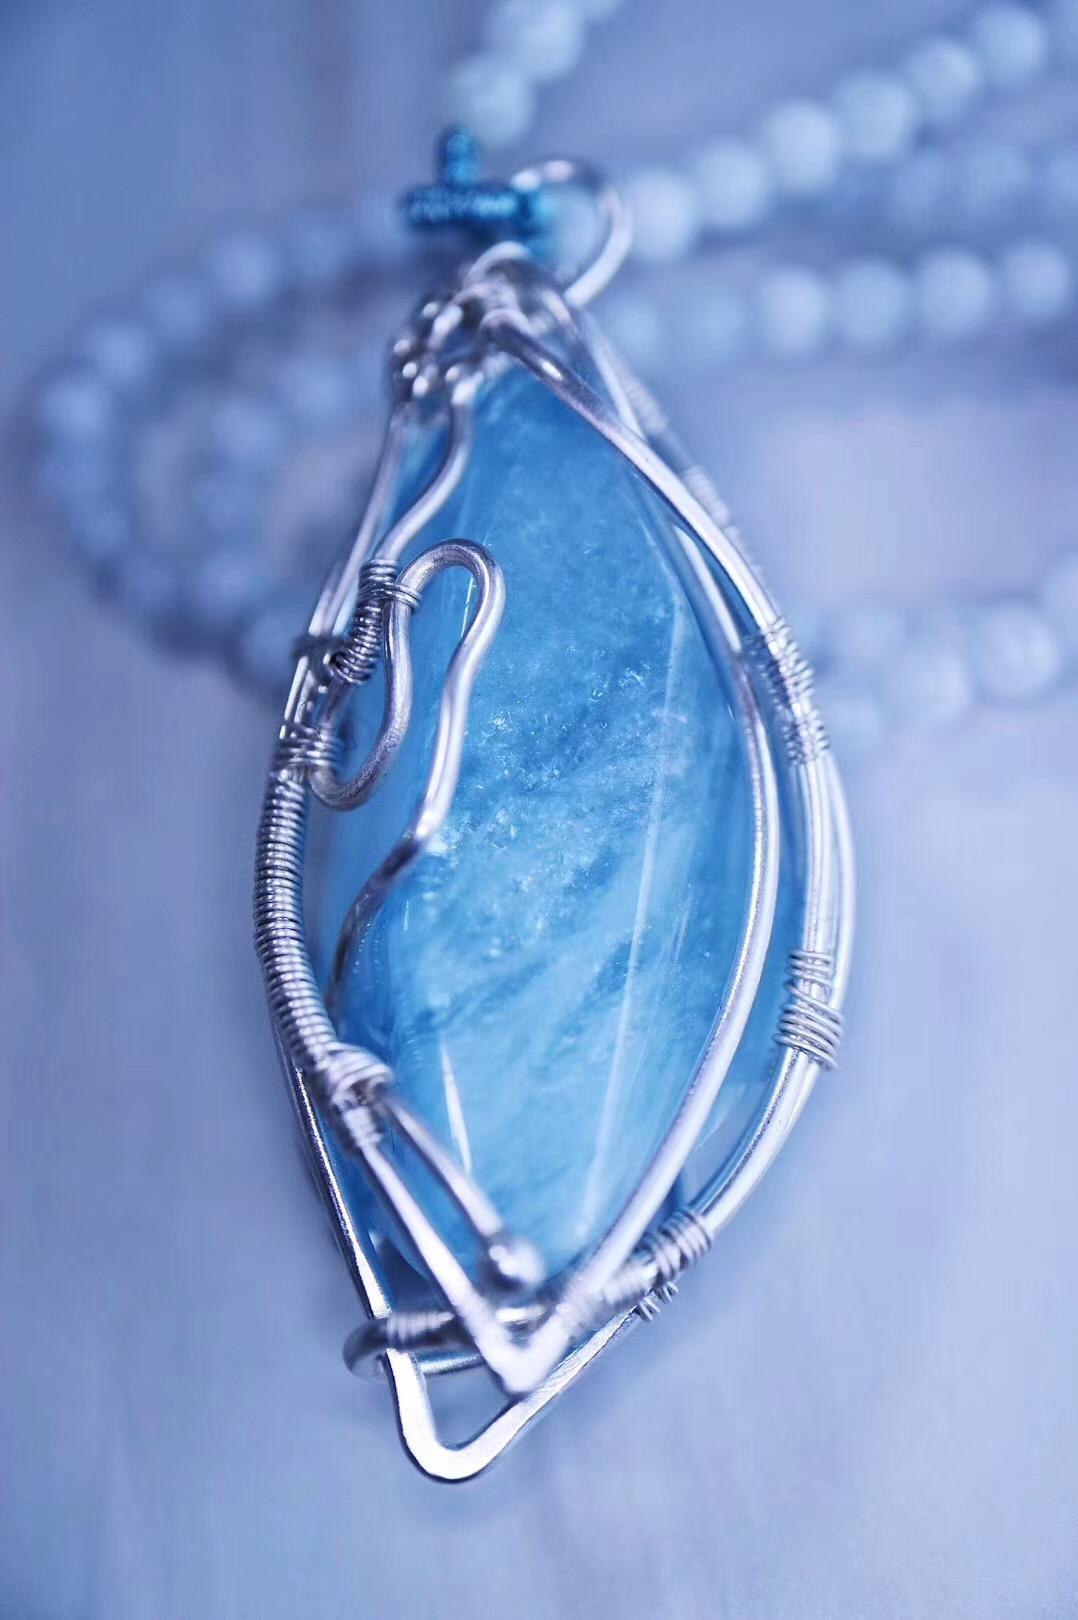 【菩心-海蓝宝原石】纯净的蓝里,泛着如雪的折射-菩心晶舍